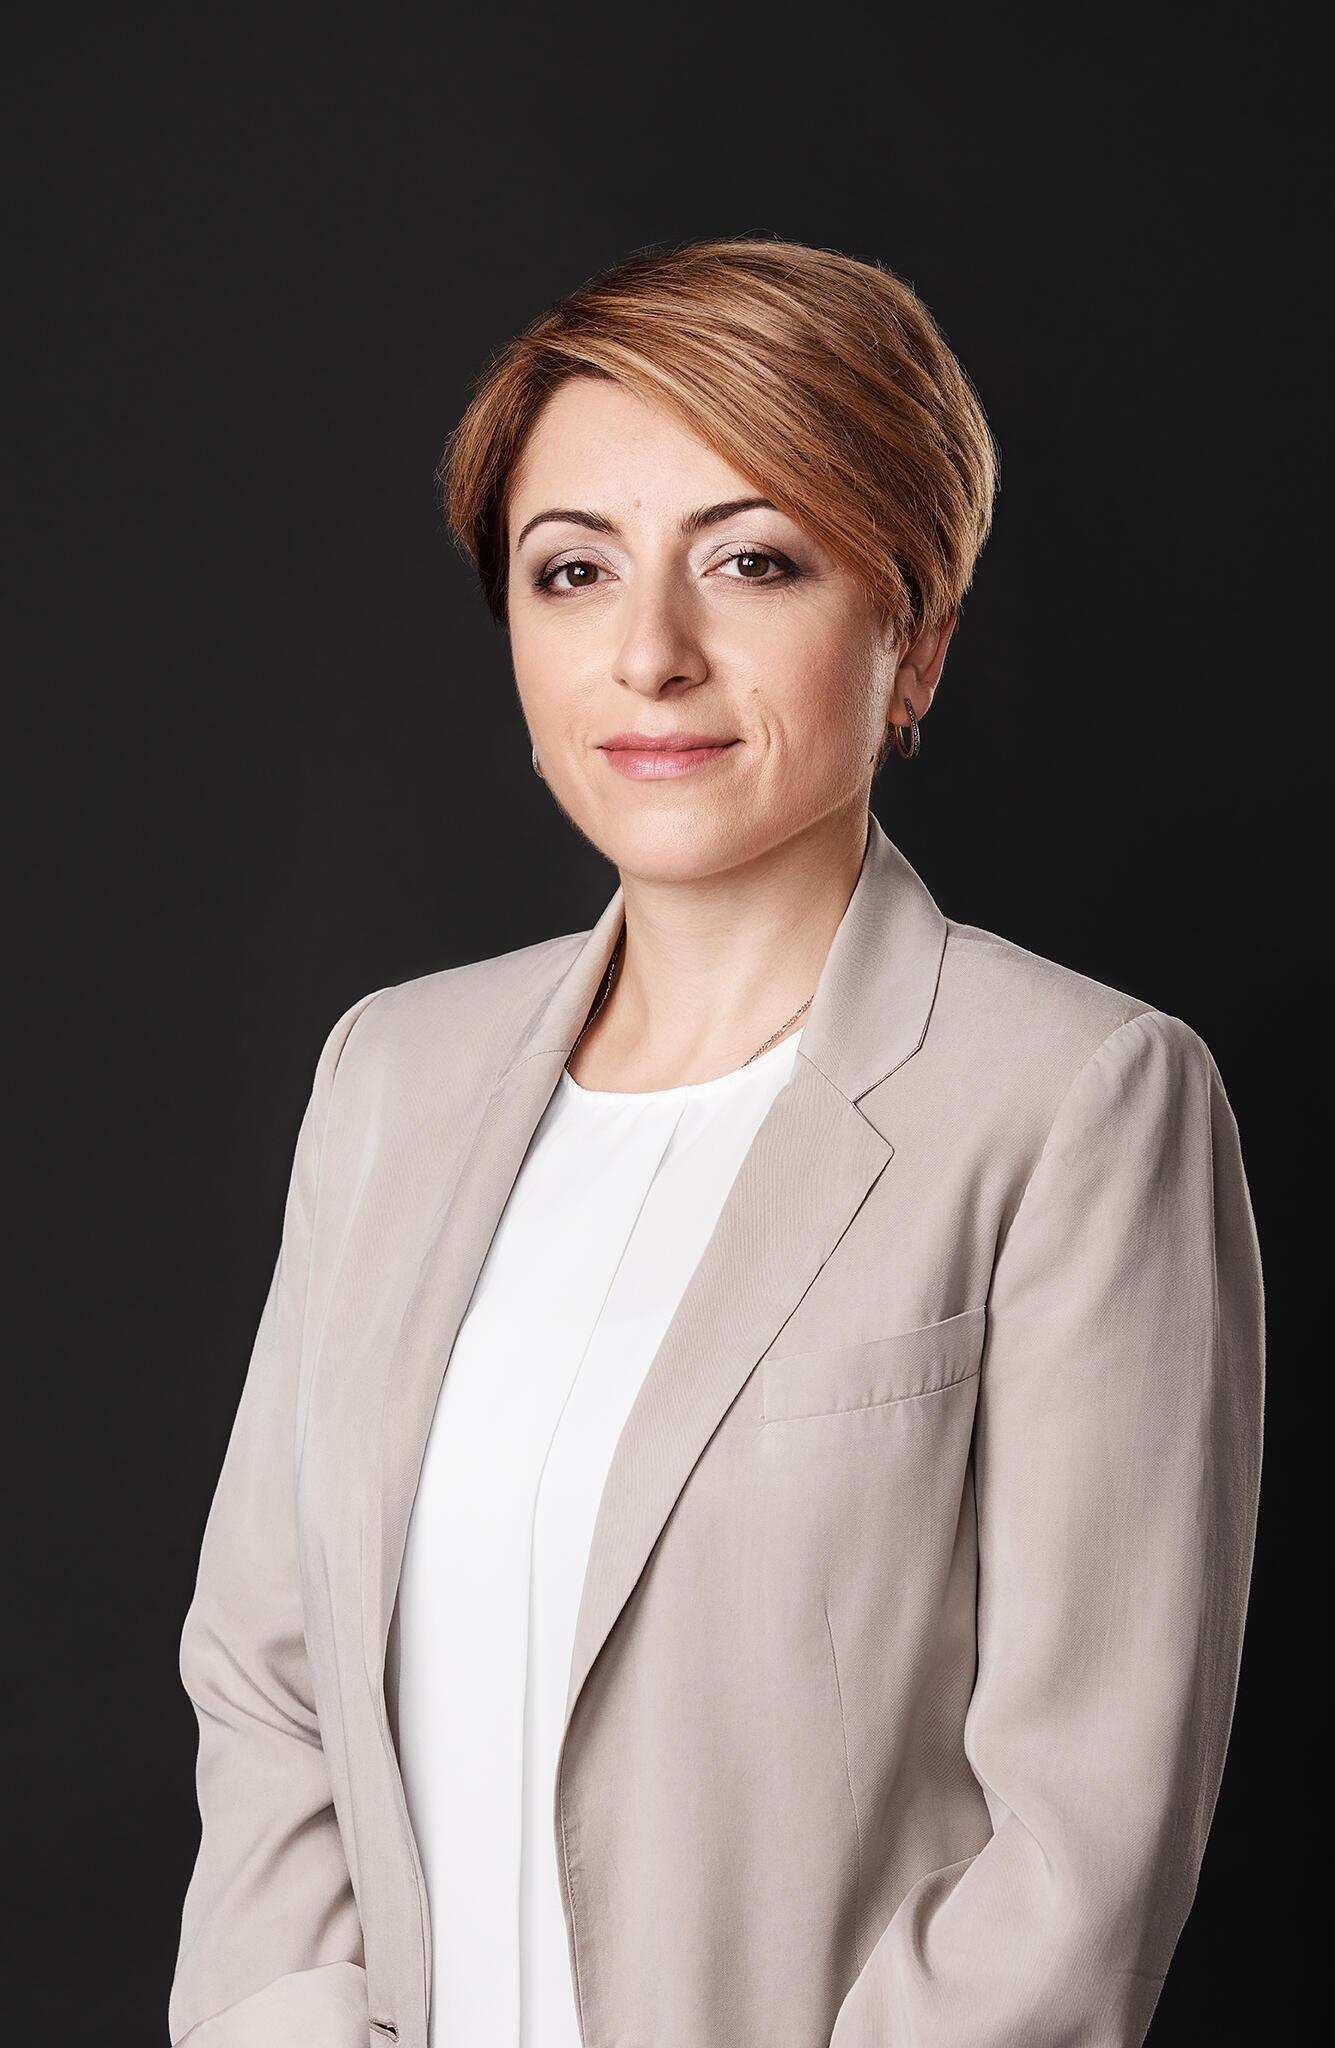 Эка Ткешелашвили